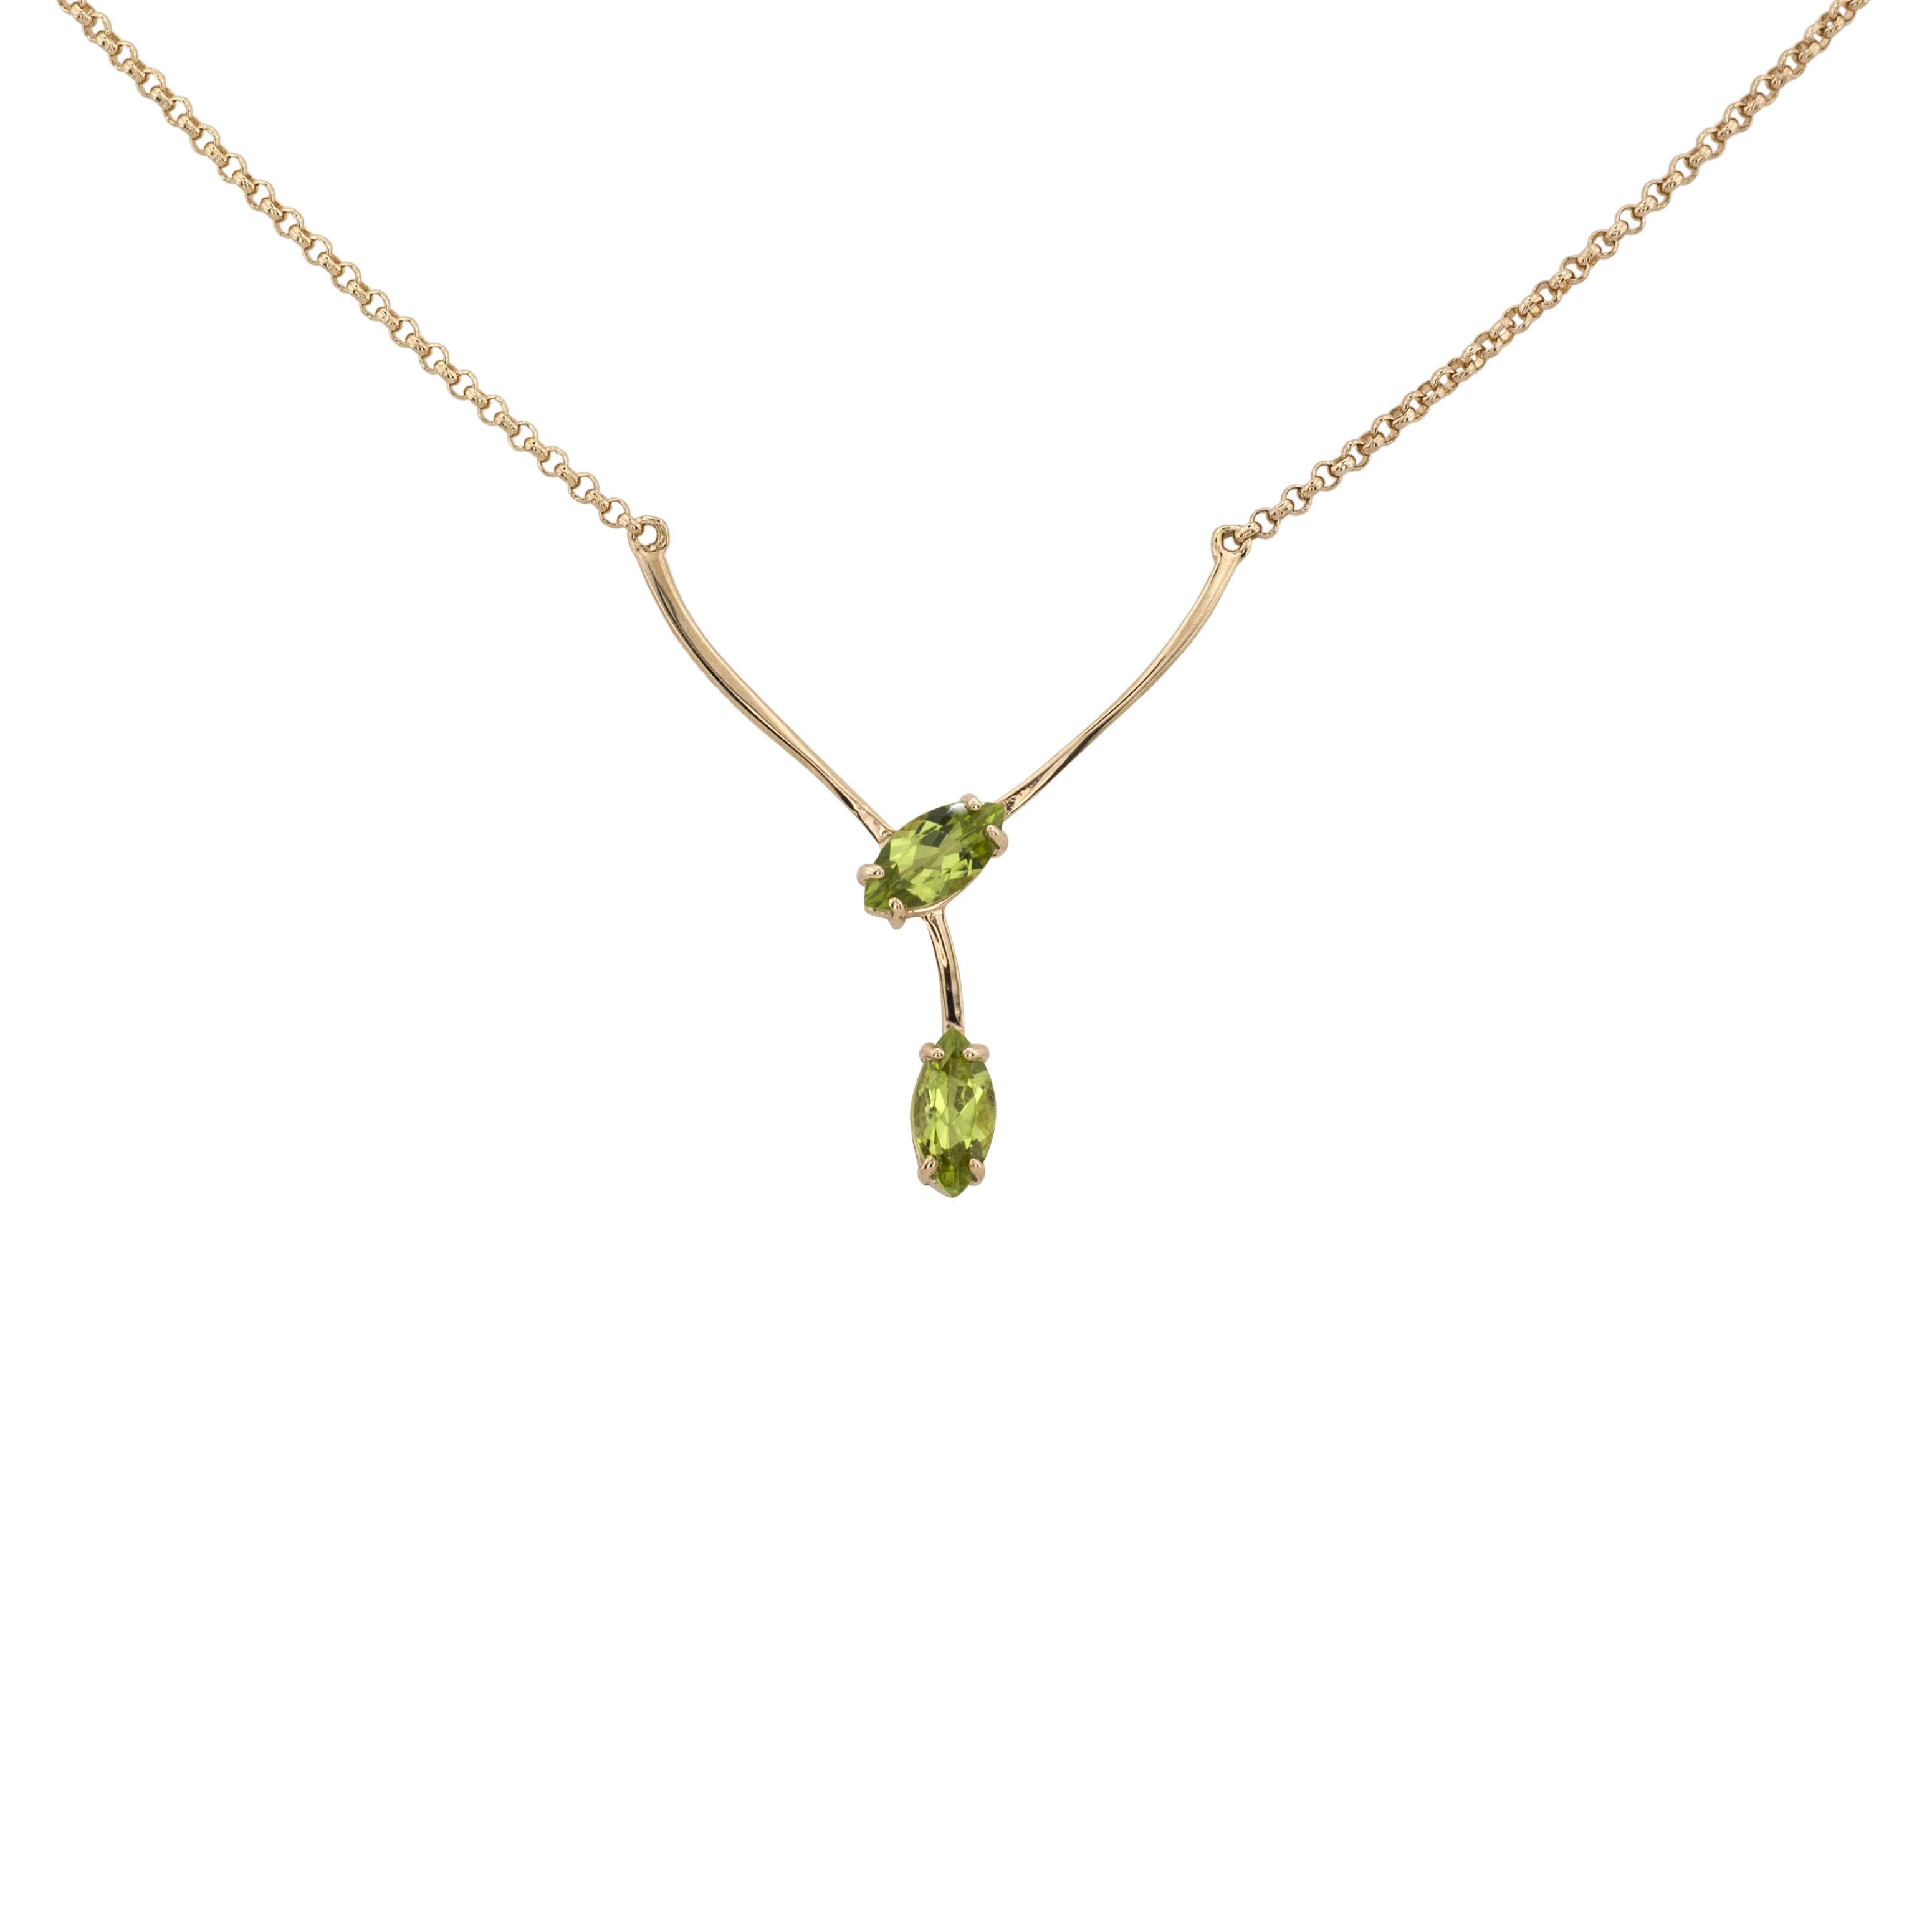 Колье. Хризолит. Арт.1110Х из золота 585 пробы